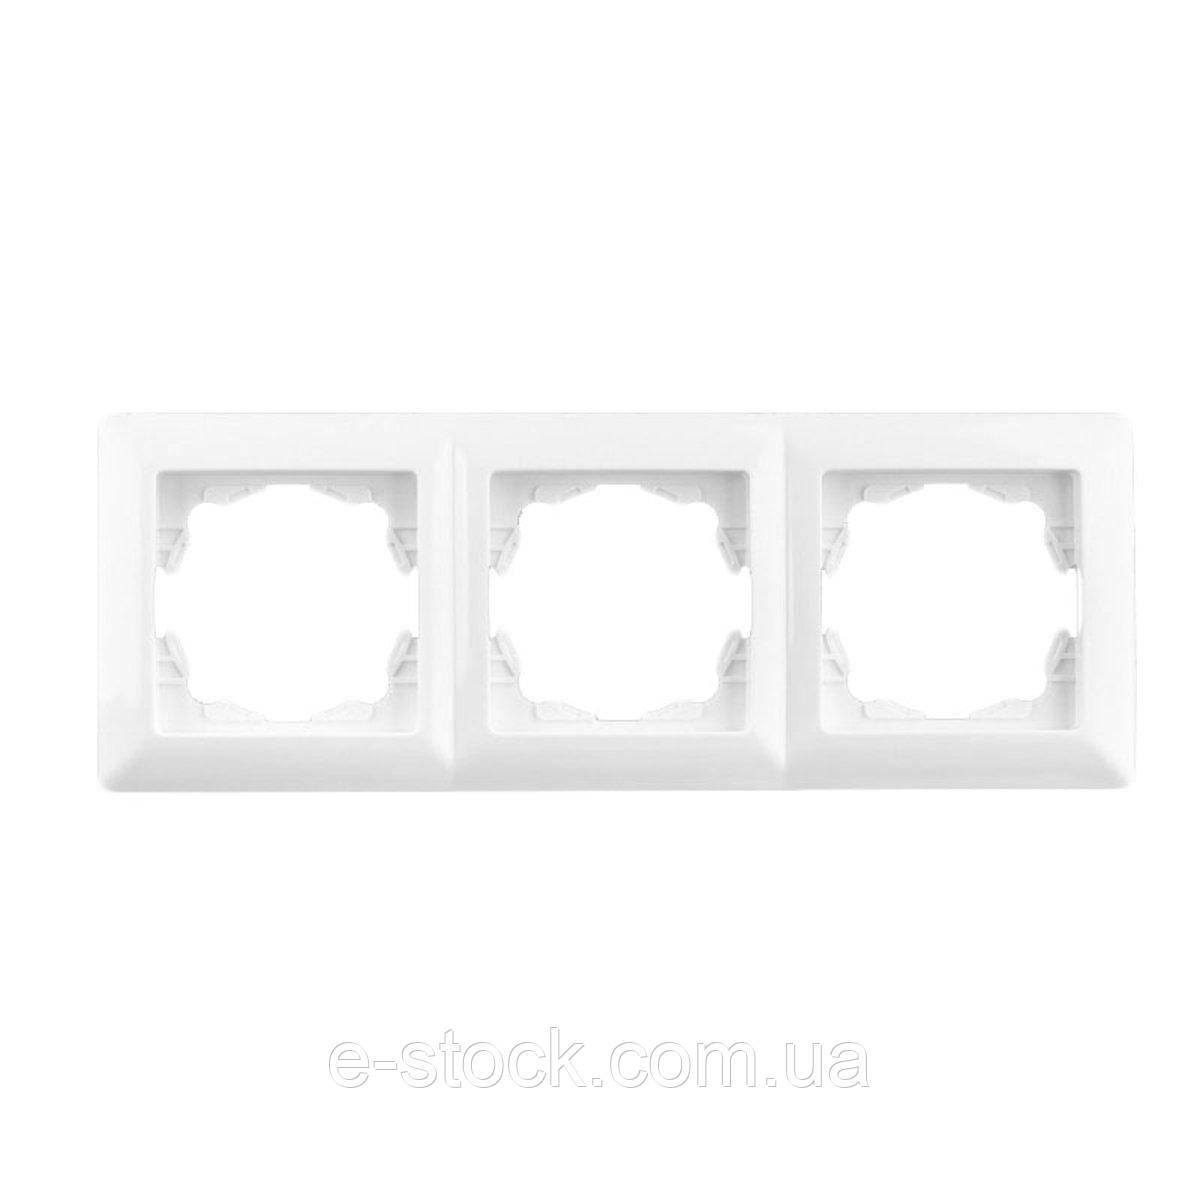 Lectris рамка 3-ая, белая